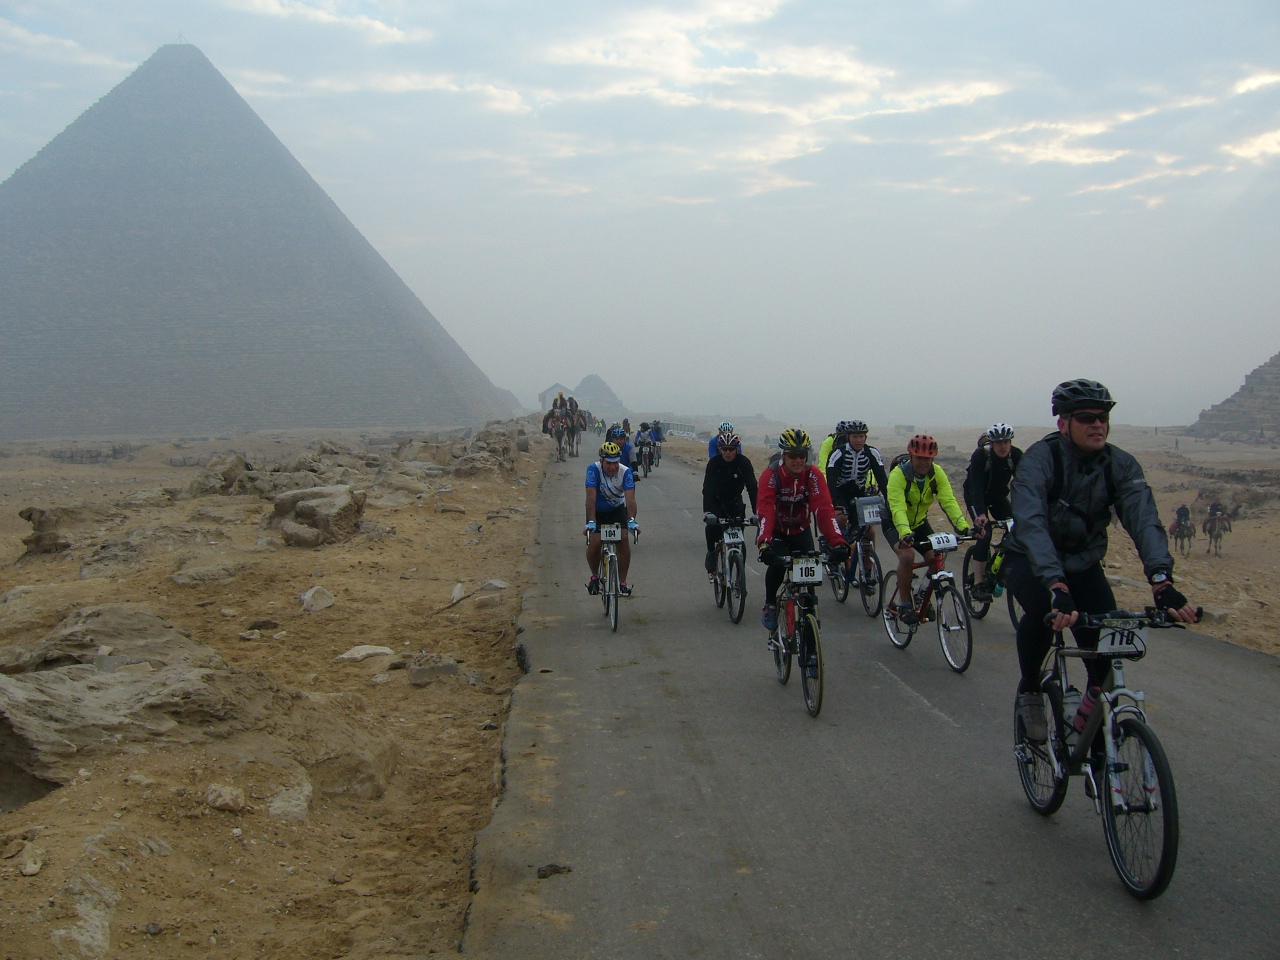 2014 Tour d'Afrique & Egypt